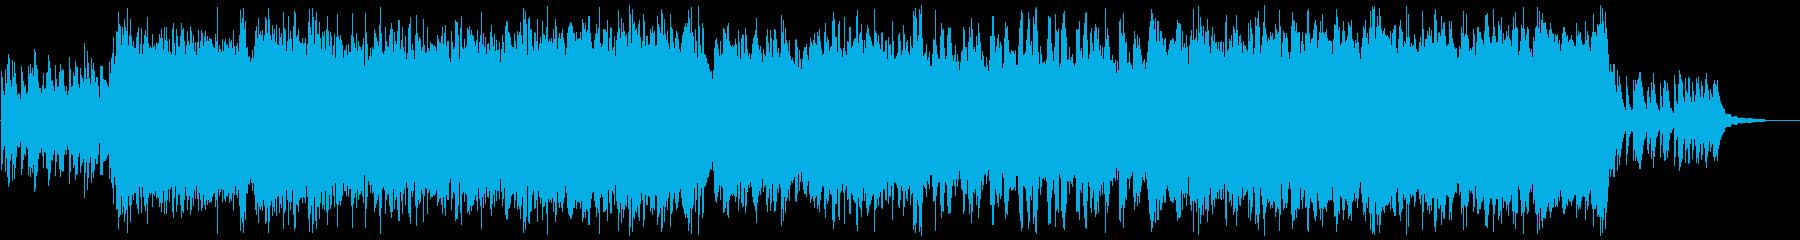 ★サイバーパンクな★エピック☆クワイア★の再生済みの波形